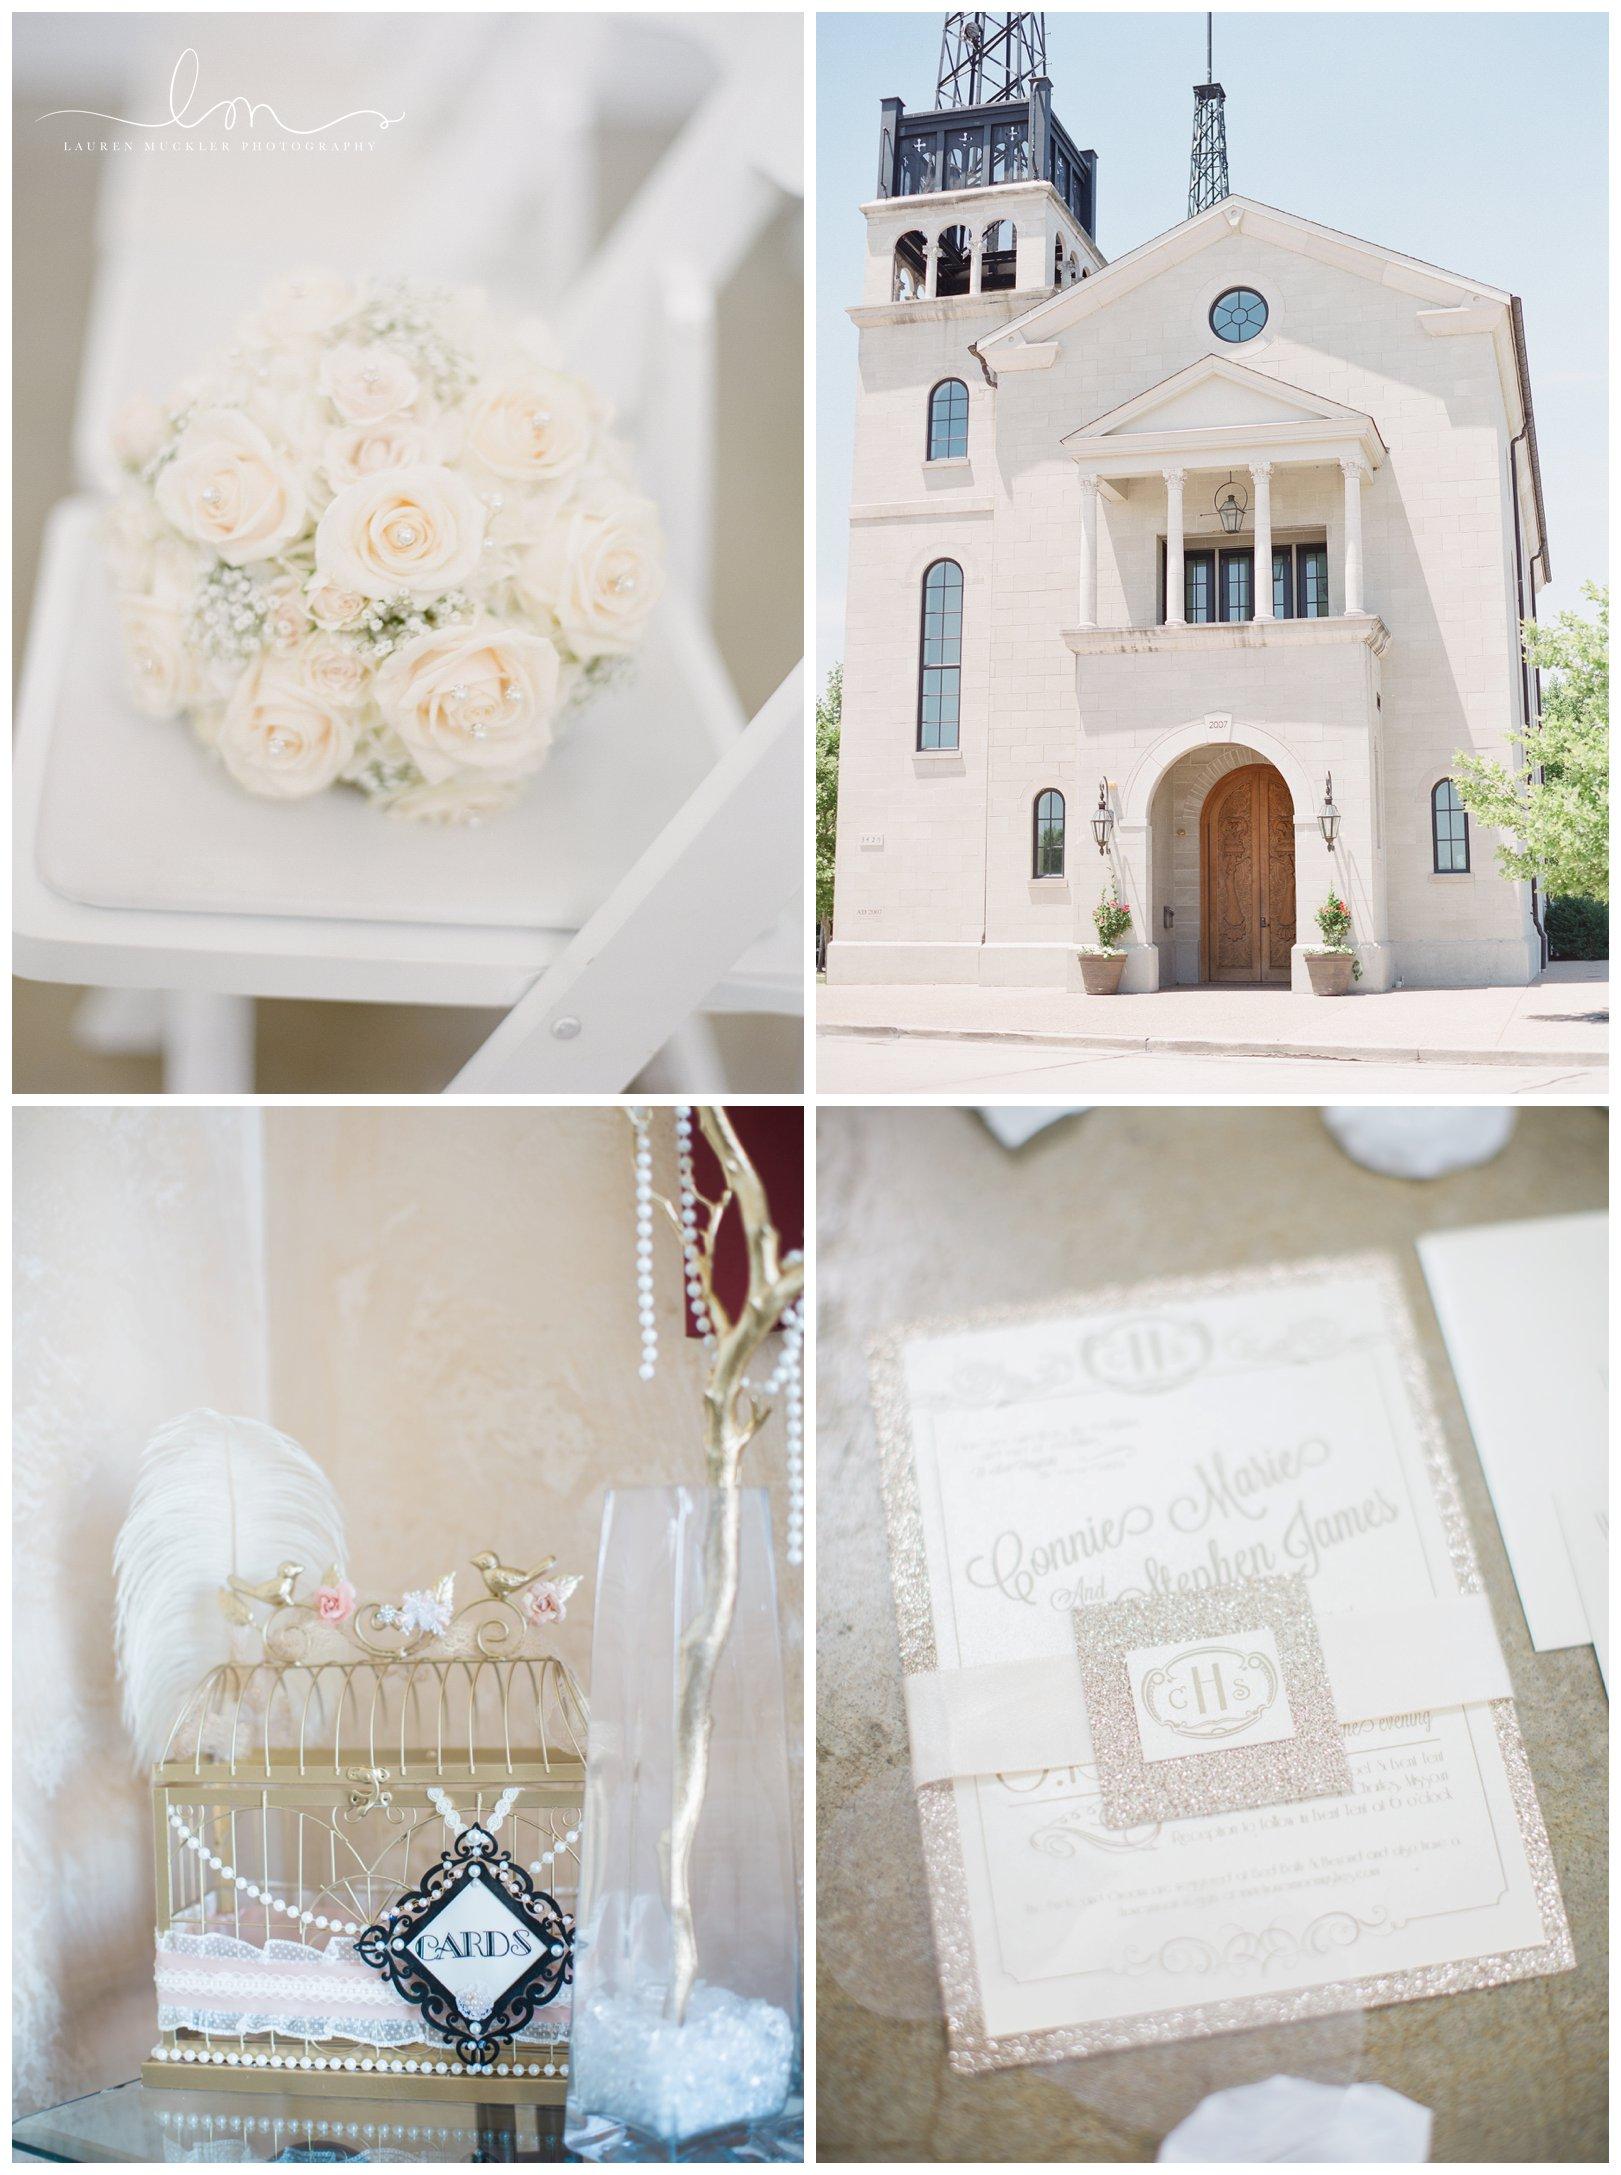 lauren muckler photography_fine art film wedding photography_st louis_photography_0457.jpg